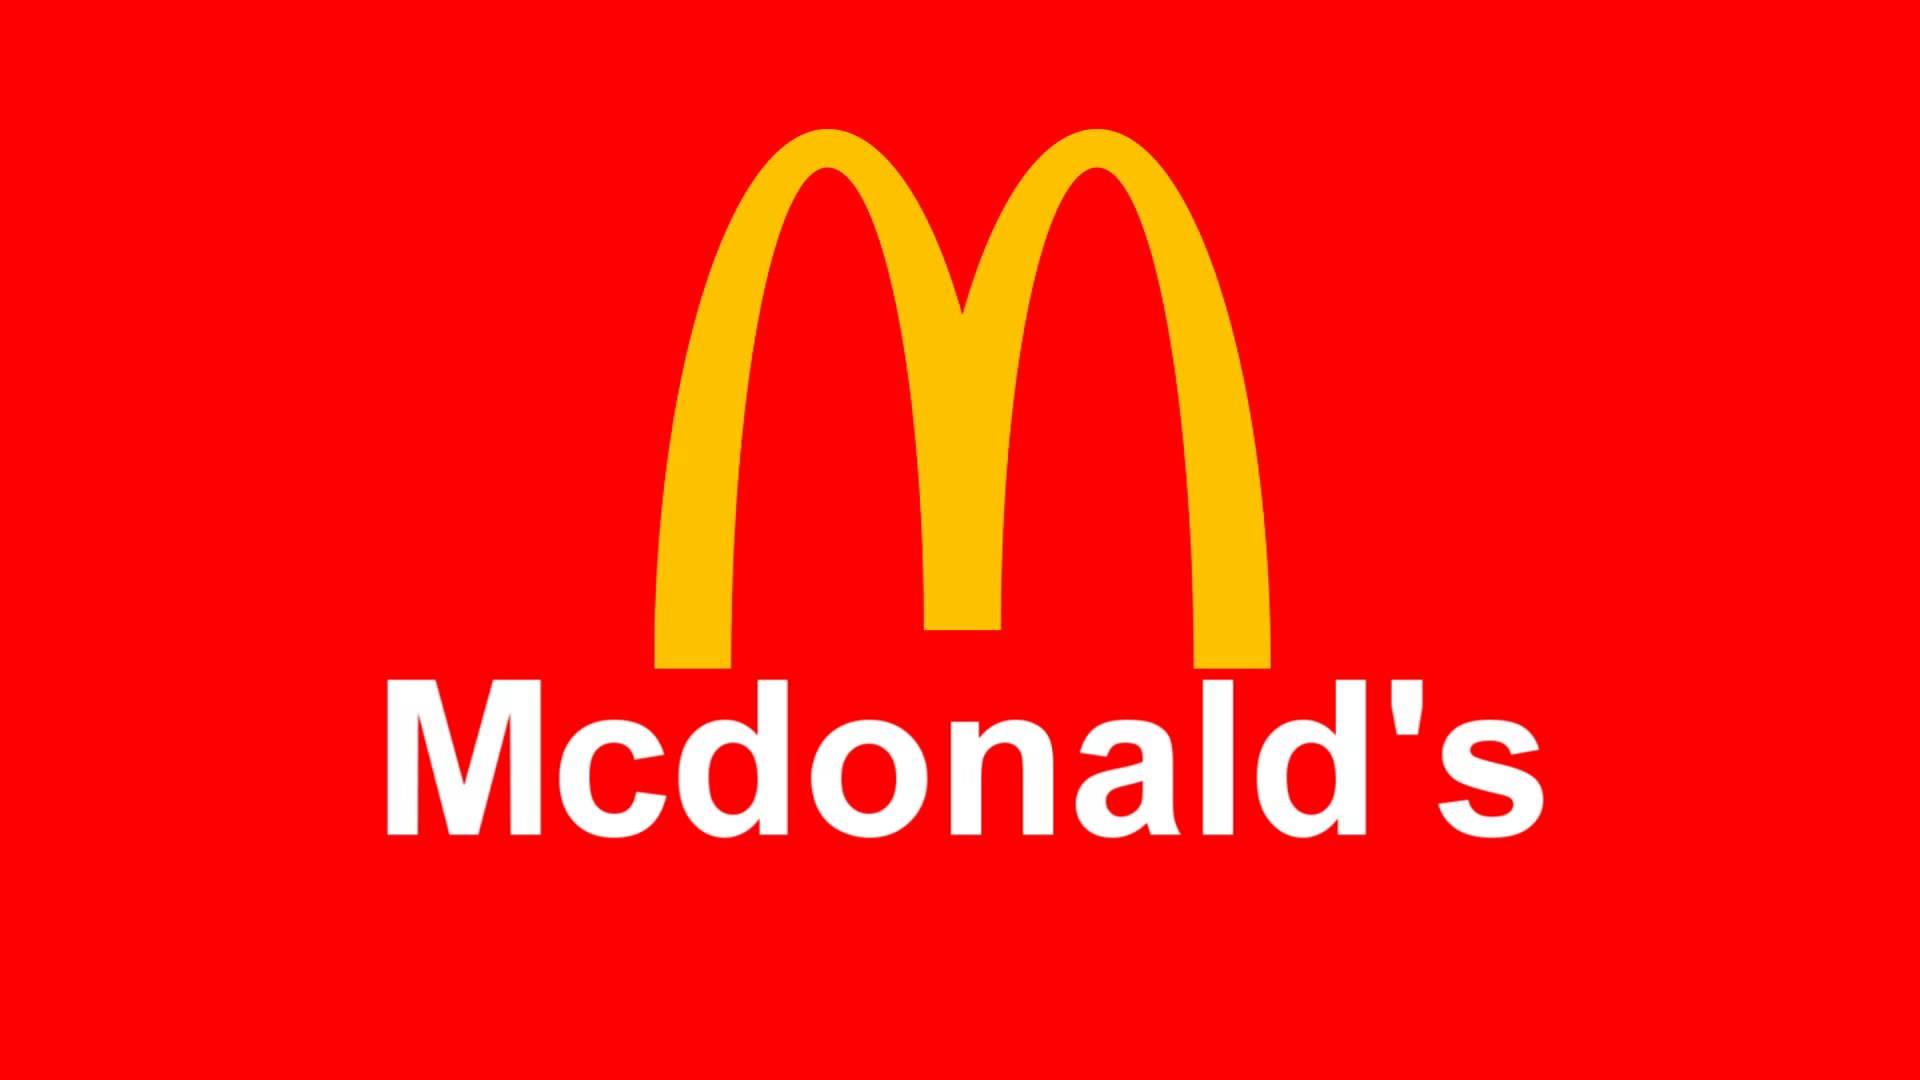 top 10 bedrijven mcdonalds